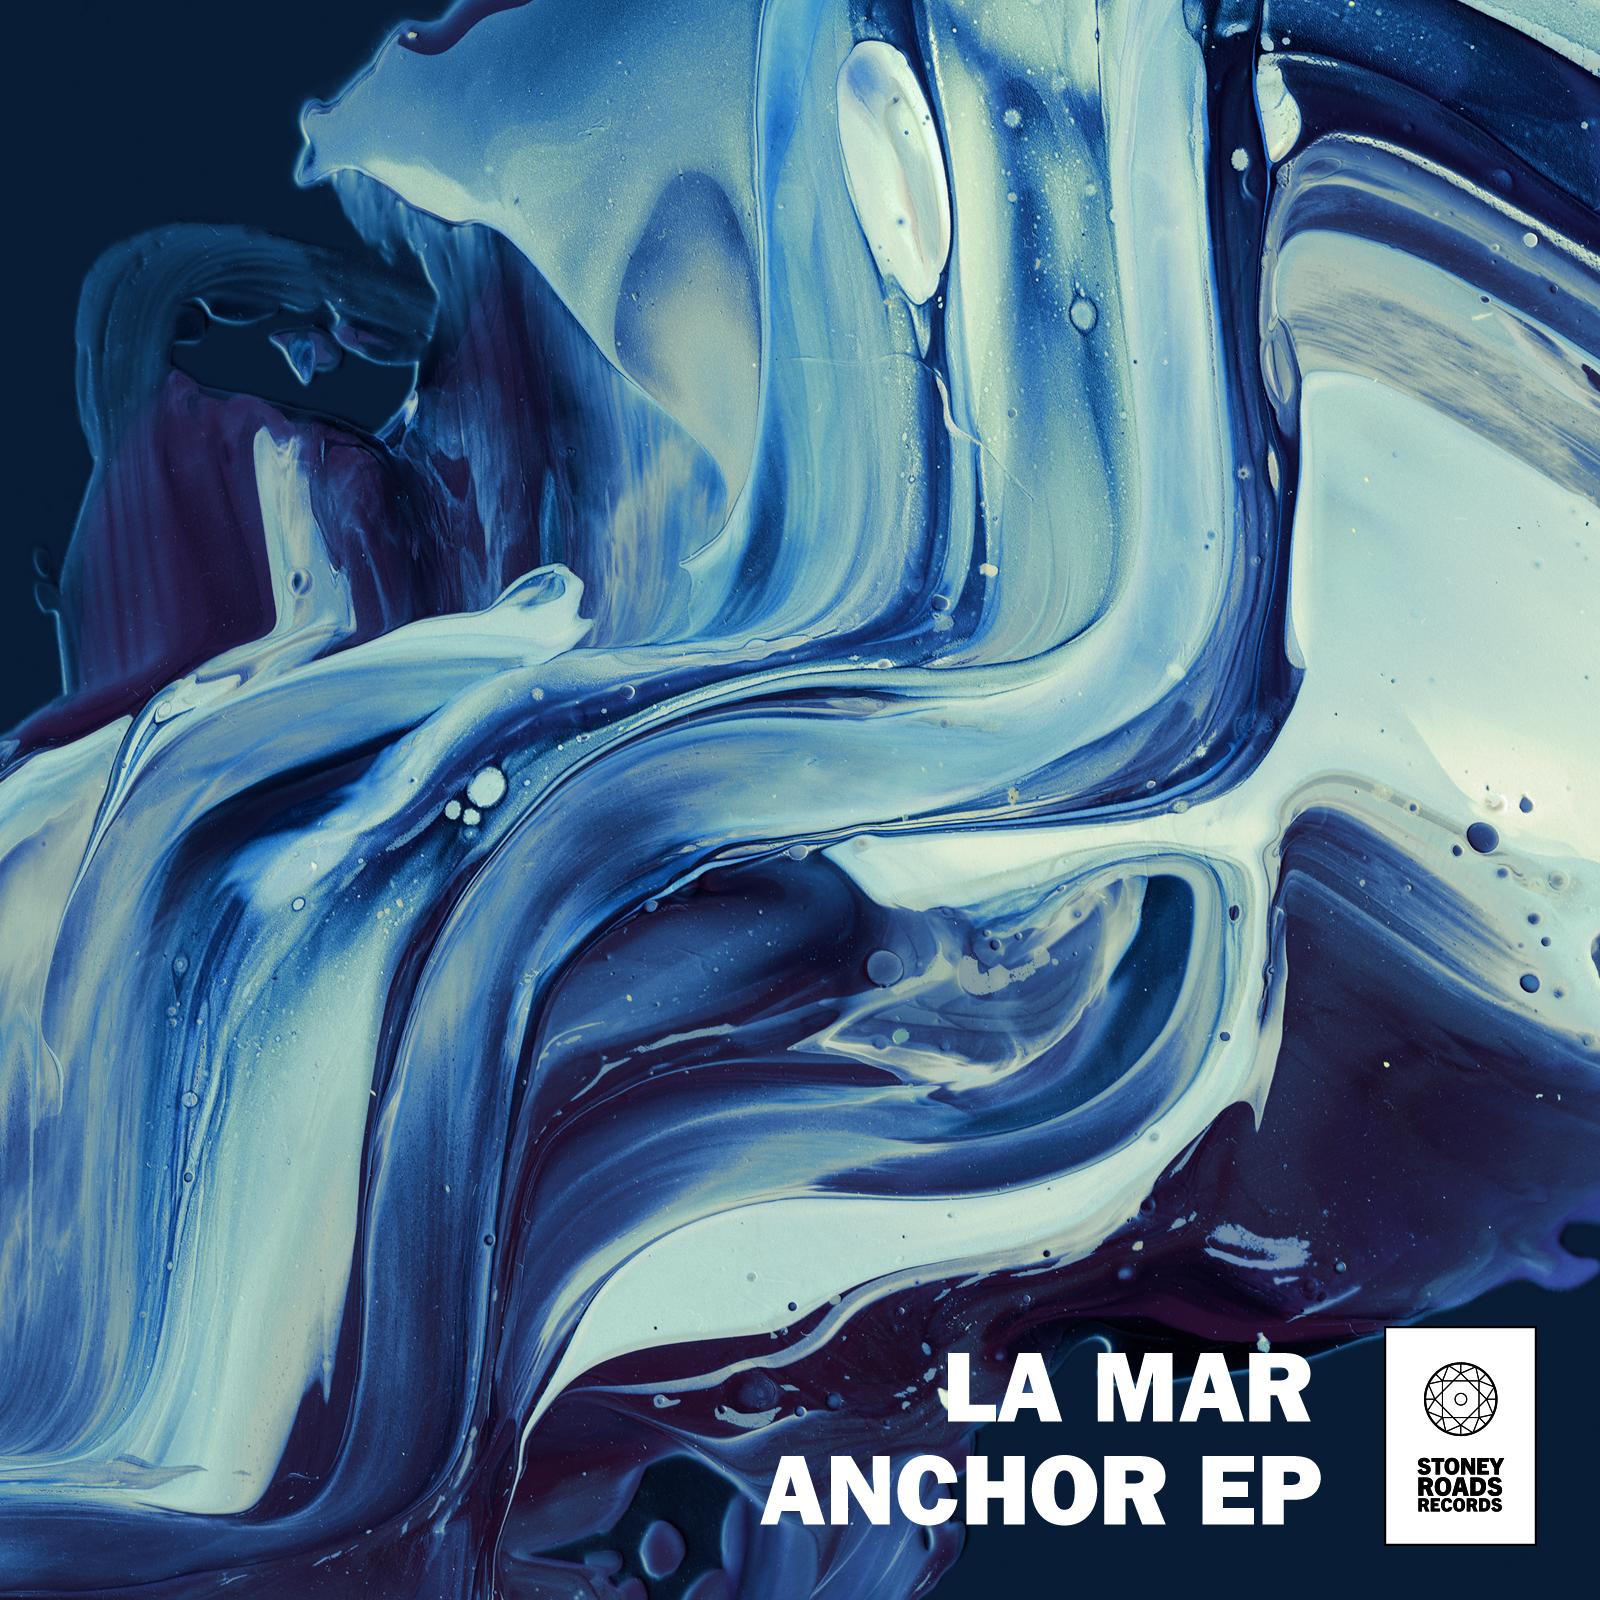 La Mar Anchor EP1